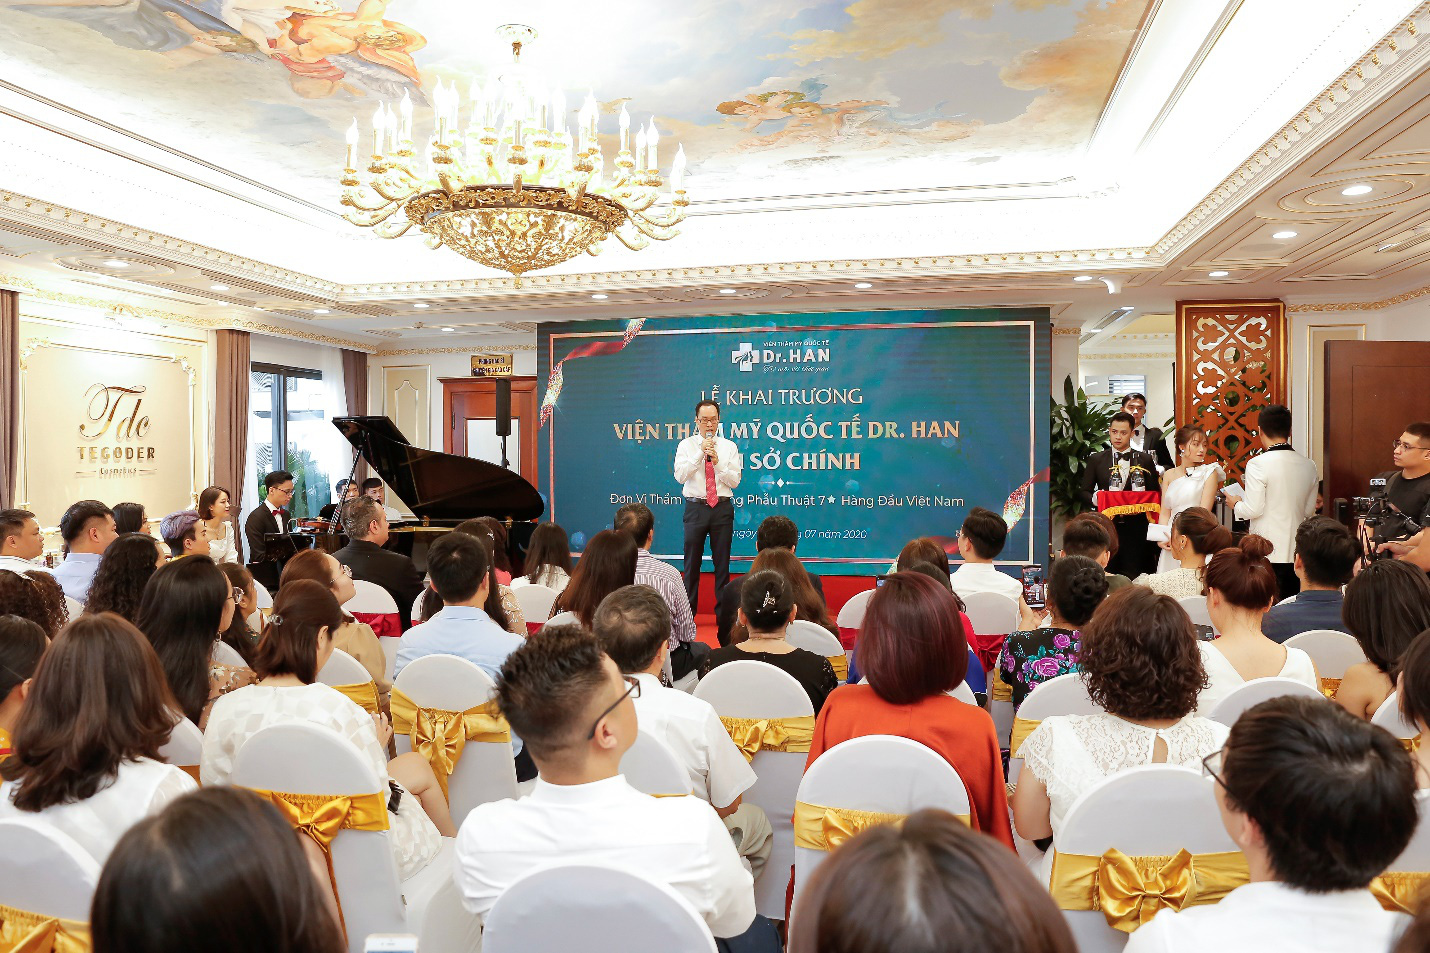 Chế độ bảo hành trọn đời – Cam kết mạnh mẽ khẳng định chất lượng dịch vụ tại Dr.Han - Ảnh 3.